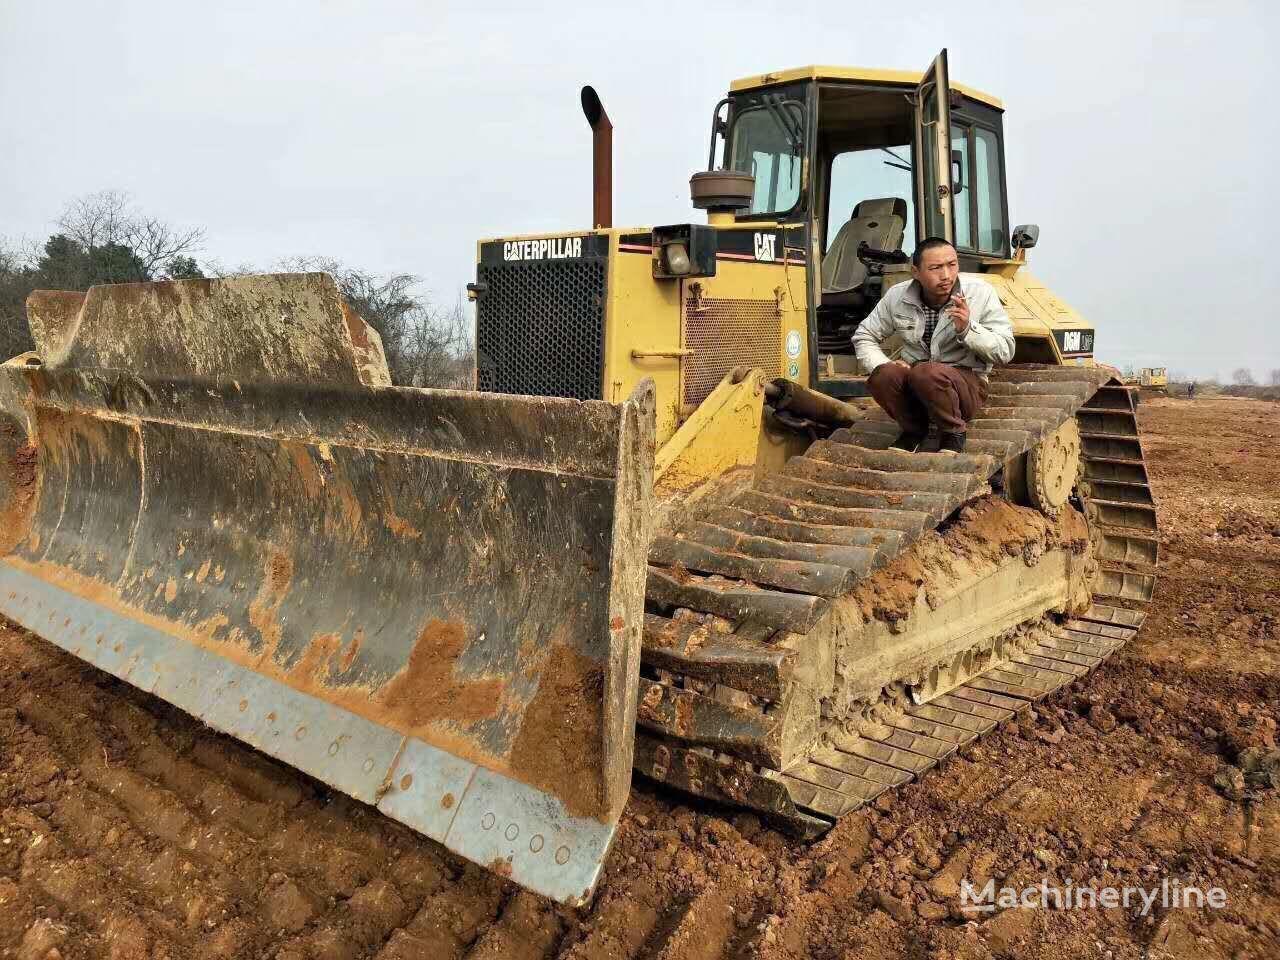 CATERPILLAR D6M D6N XL bulldozer